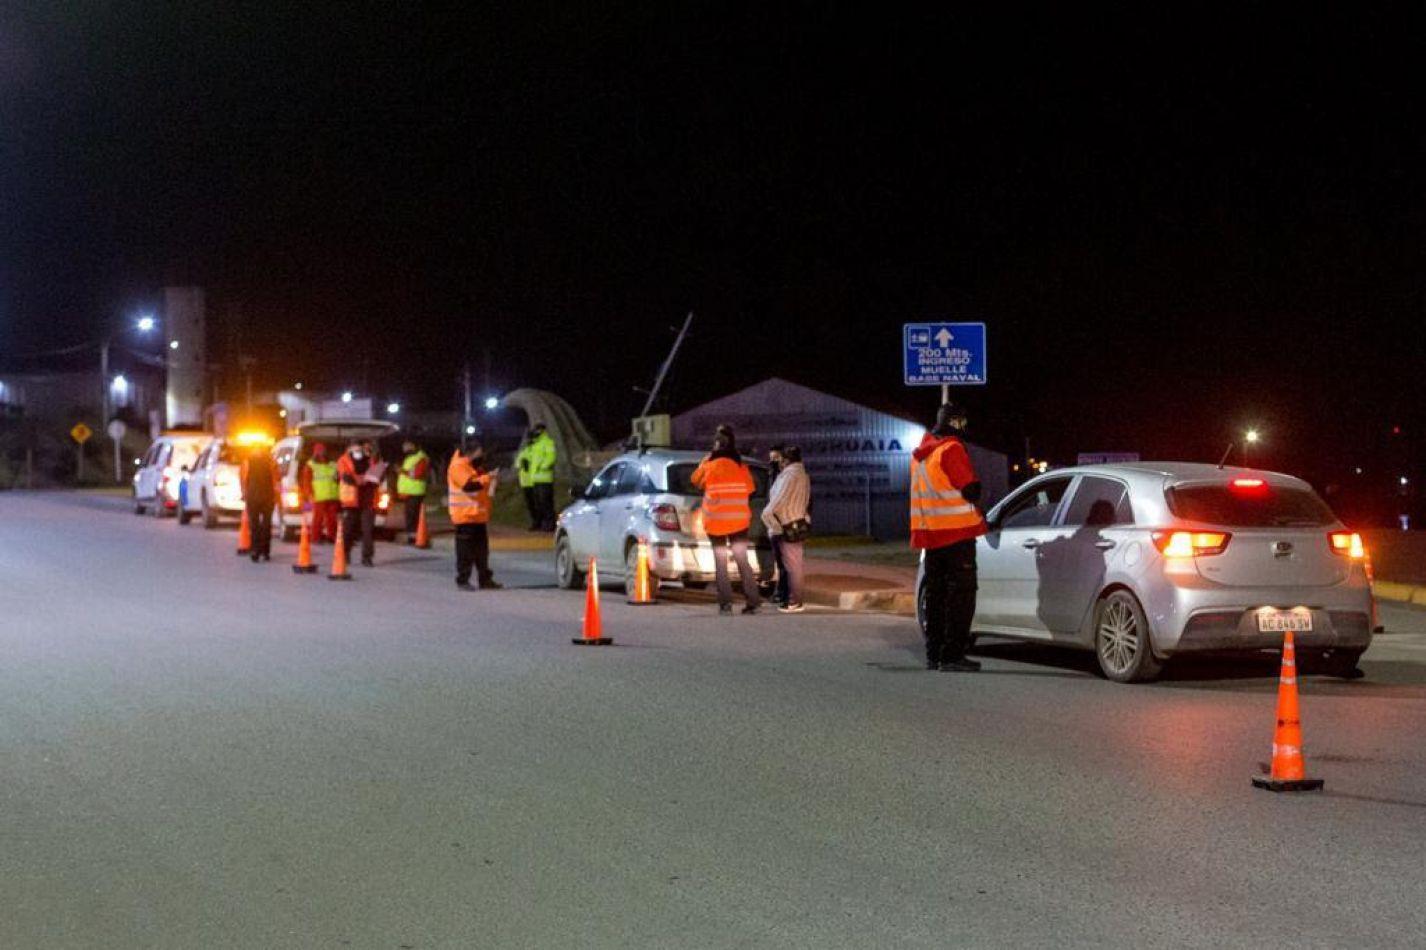 Municipio de Ushuaia participó del operativo conjunto que encabezó la Agencia Nacional de Seguridad Vial